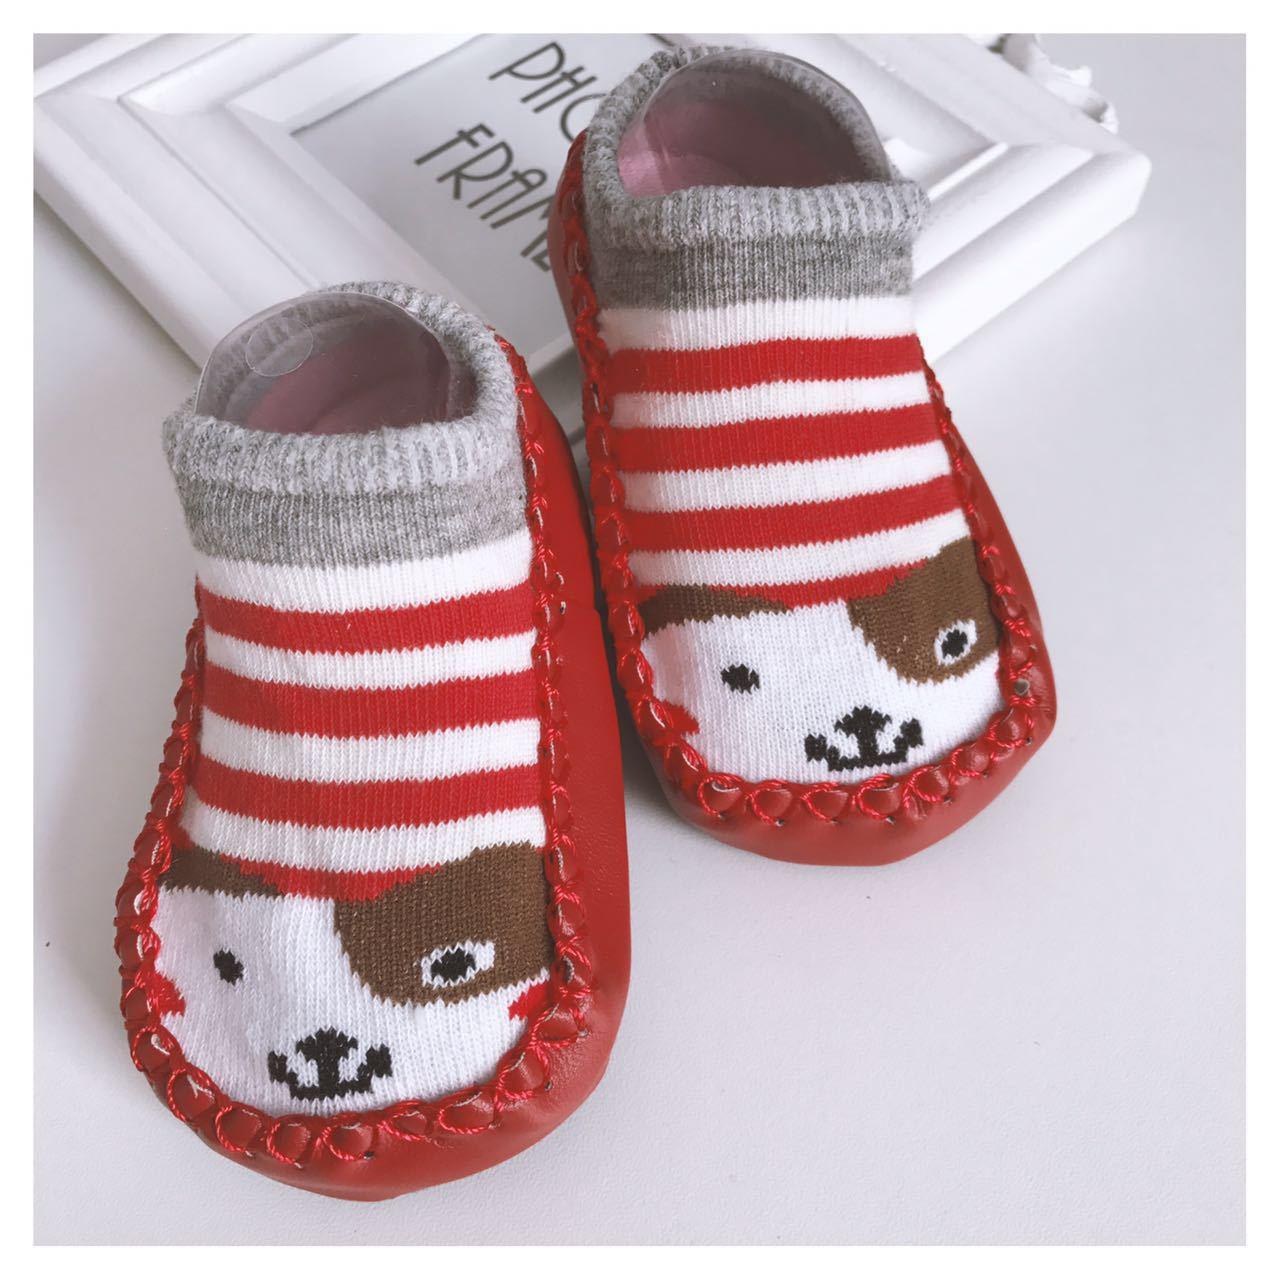 ถุงเท้ารองเท้า มีกันลื่น เนื้อผ้านุ่มนิ่ม สำหรับเด็กวัย 0-2 ปี ลายสุนัขสีแดงริ้ว